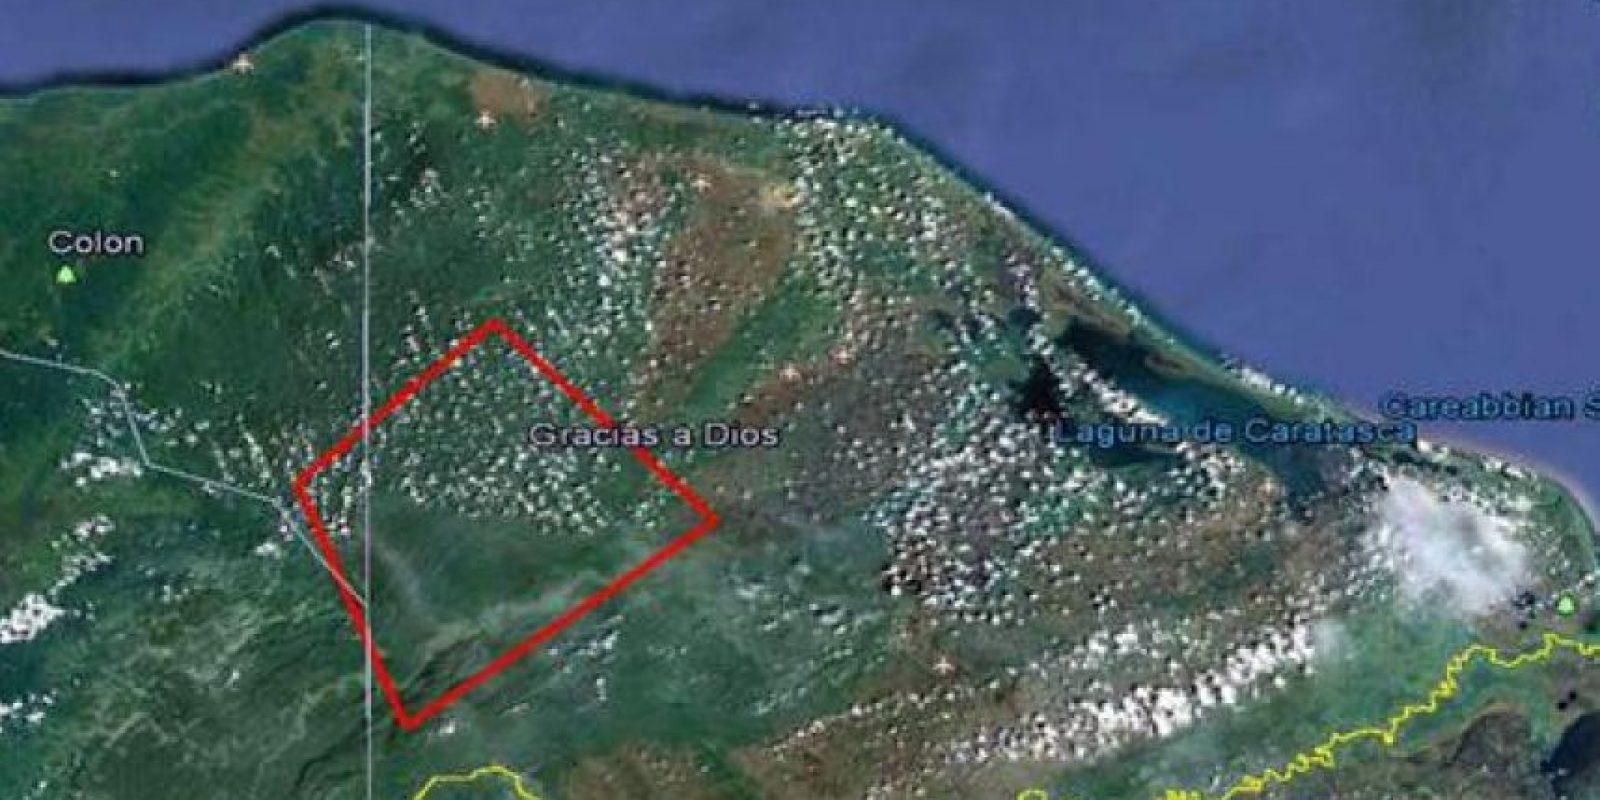 """Una expedición que buscaba la """"Ciudad del Dios Mono"""", en la selva de Honduras encontró los restos de una ciudad perdida, perteneciente a una misteriosa cultura, según información de la revista estadounidense """"National Geographic"""". Foto:Twitter.com/tourismH"""